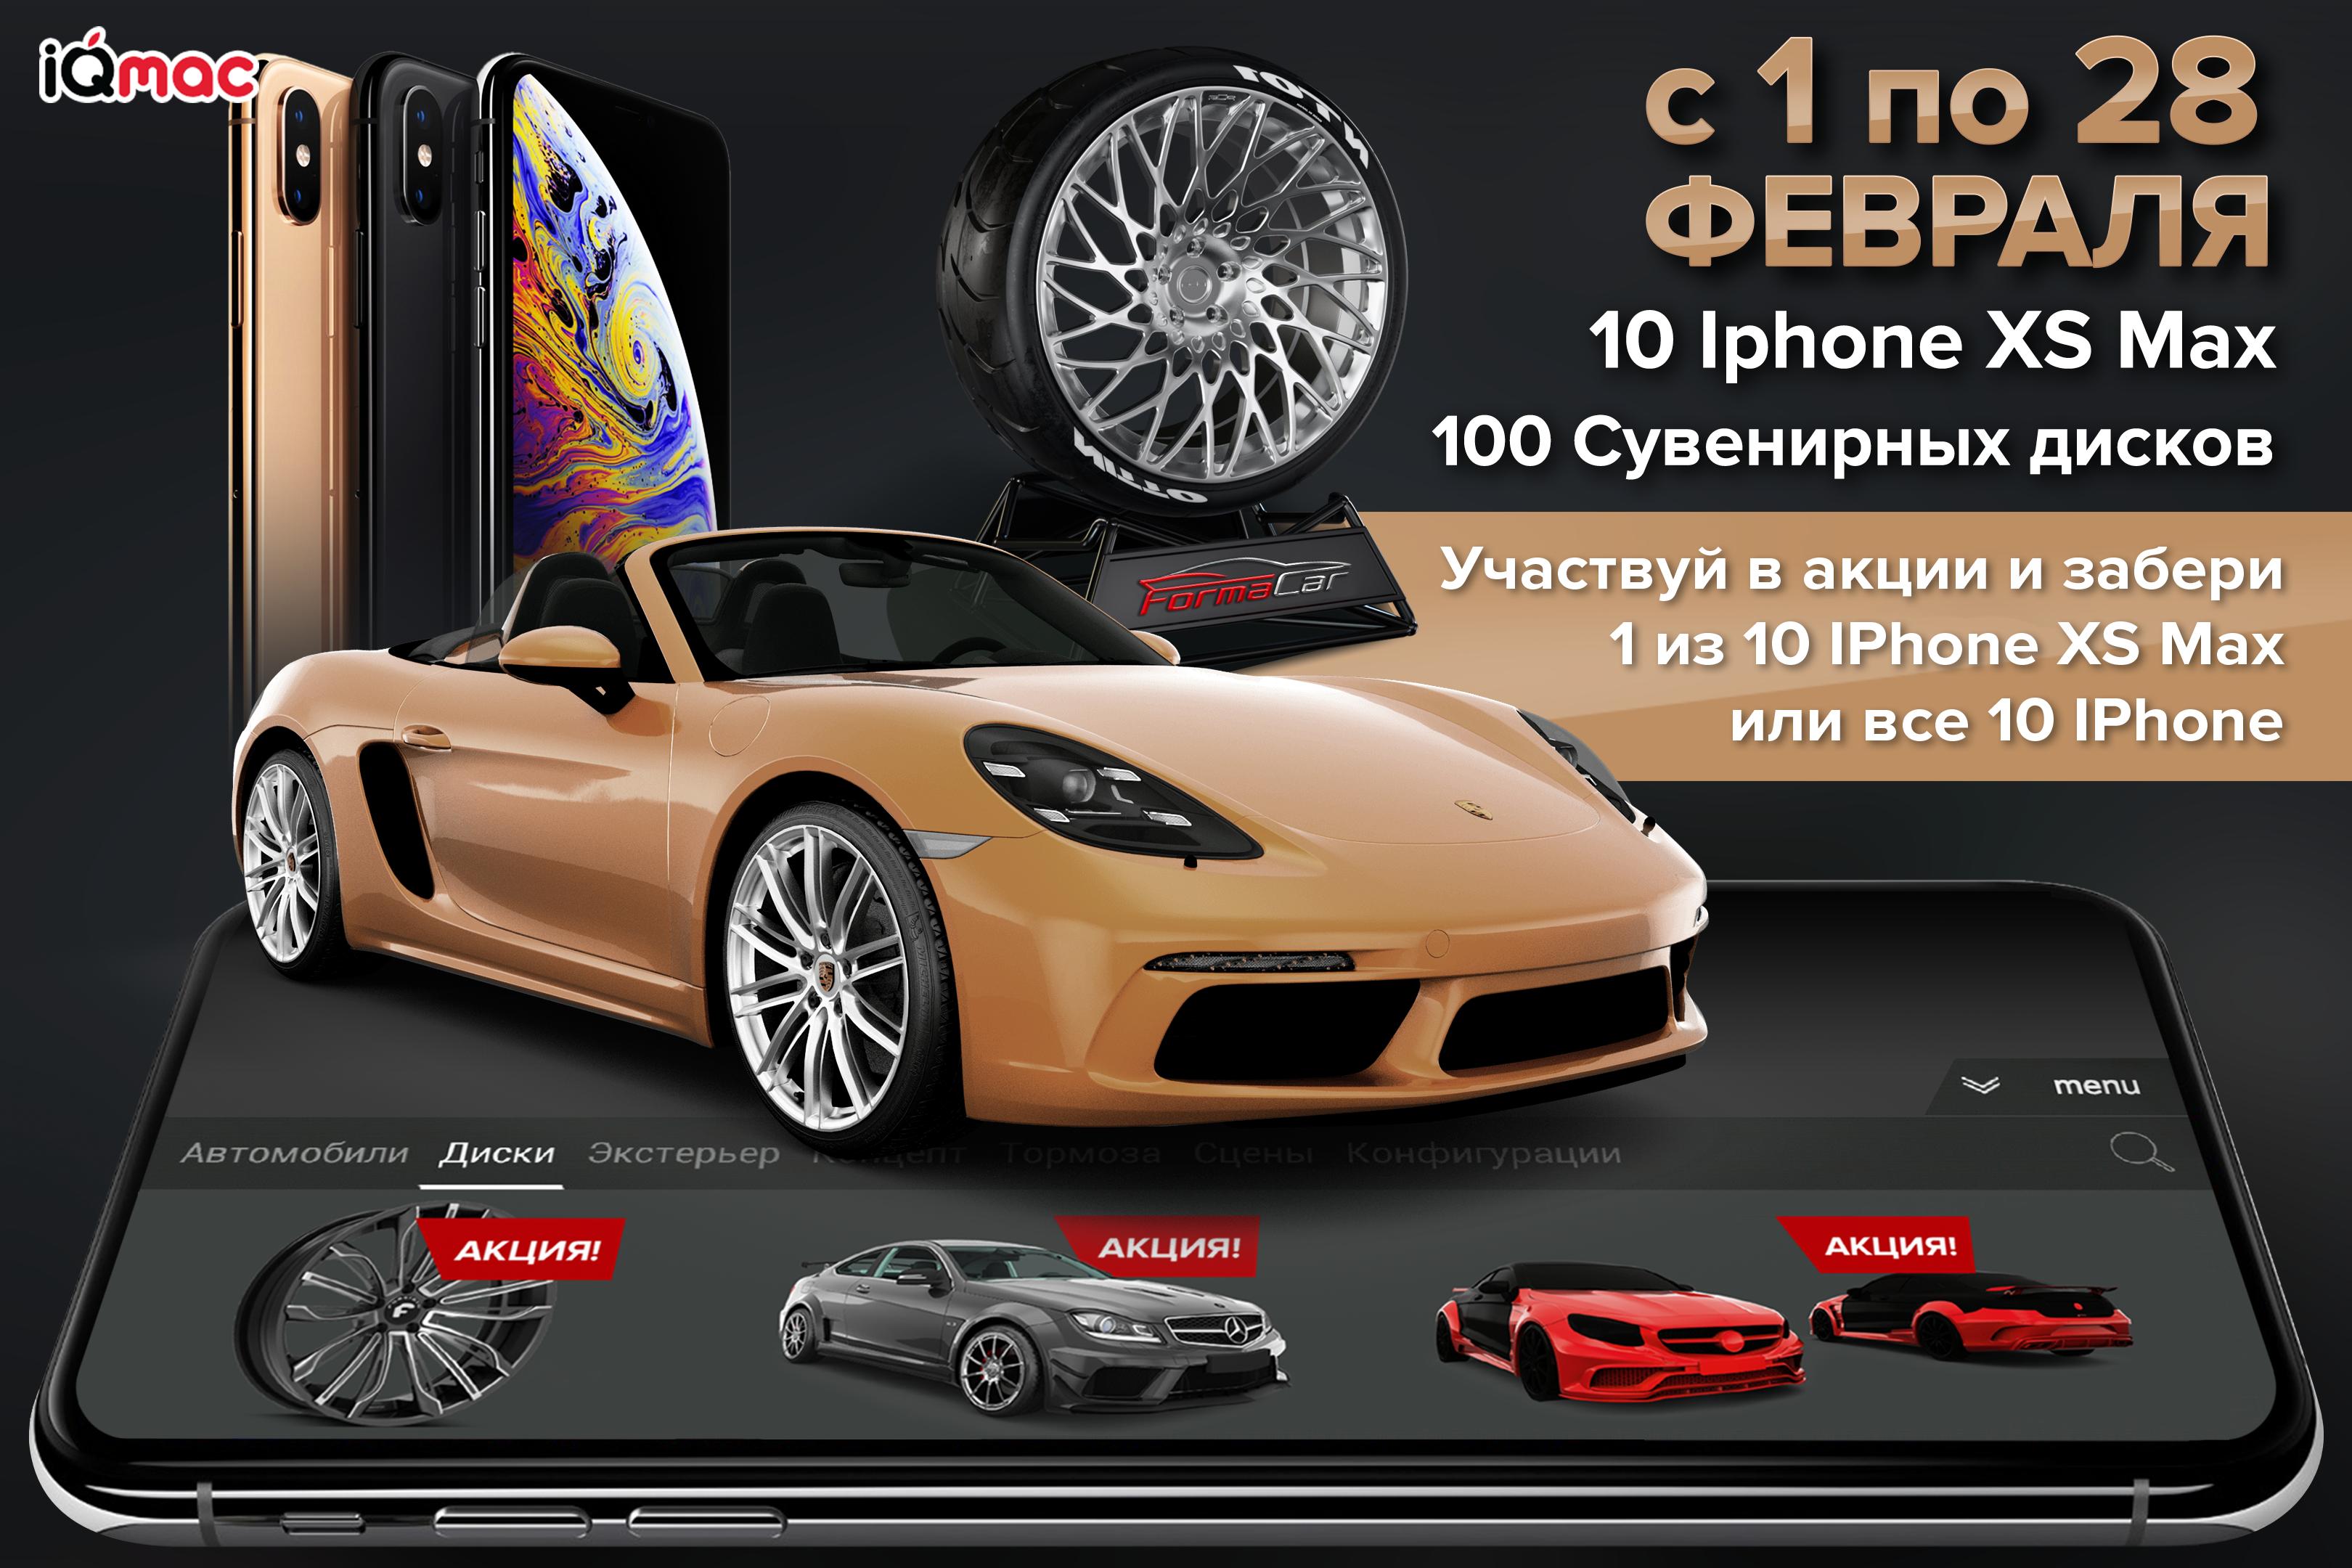 Хотите стать обладателем одного из 10 IPhone Xs Max на 256 гб, за 229 рублей? Или же сразу всех 10 Iphone ?!